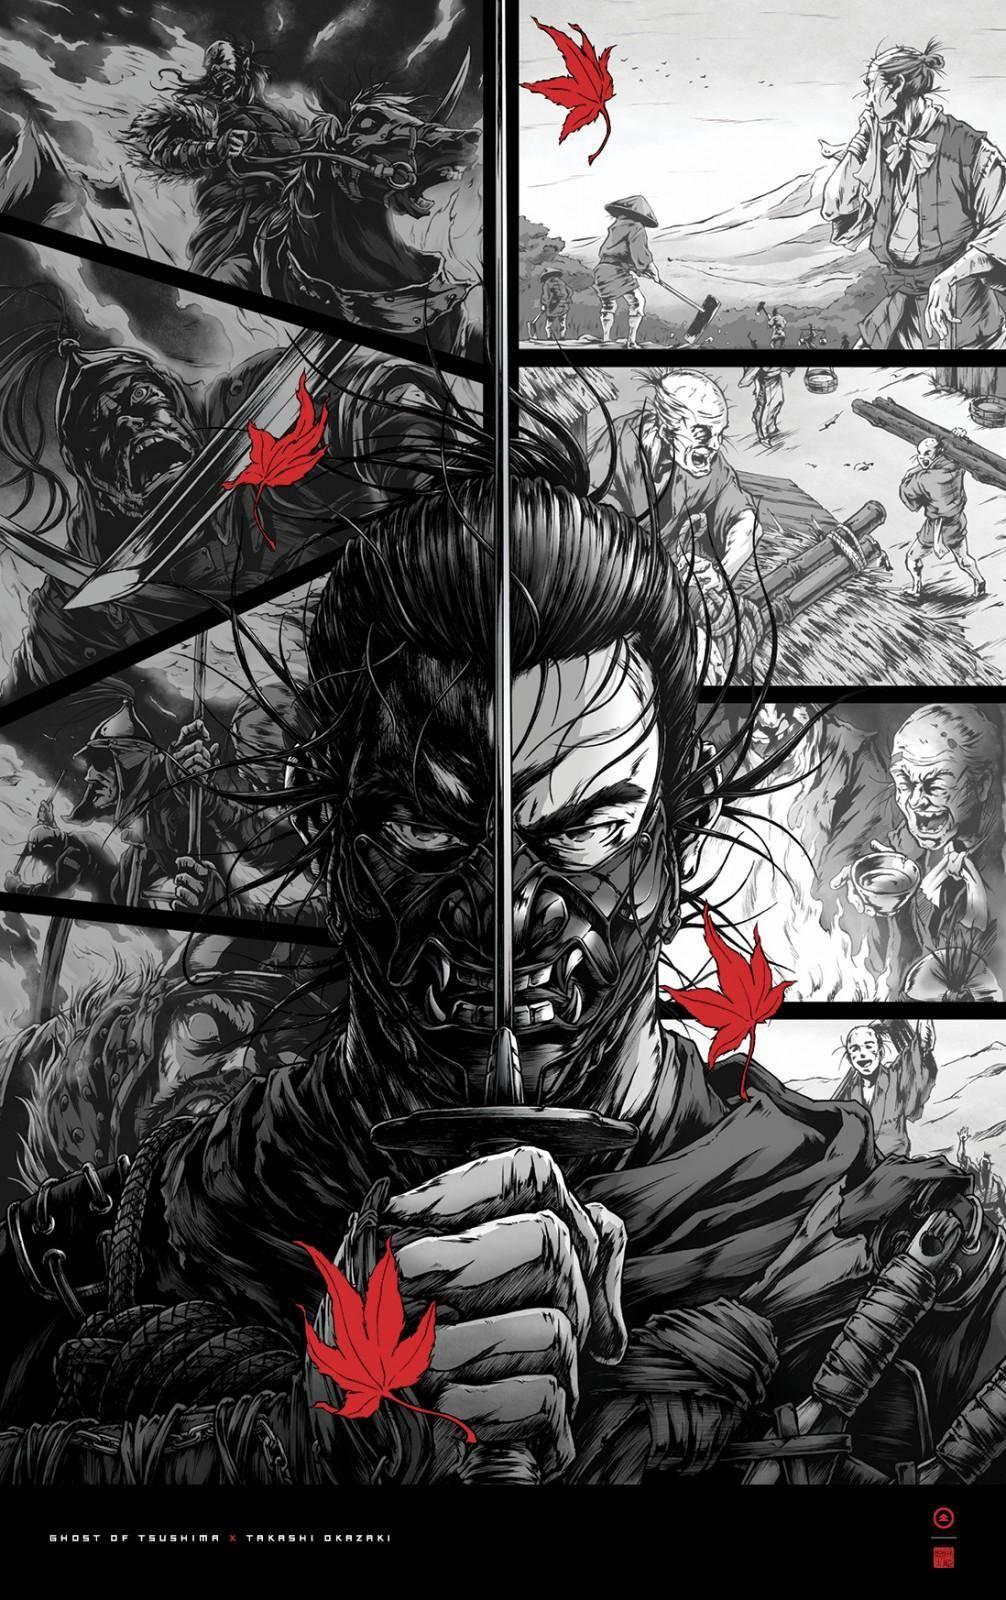 Ghost of Tsushima: Descarga estos 4 pósters especiales gratis 3